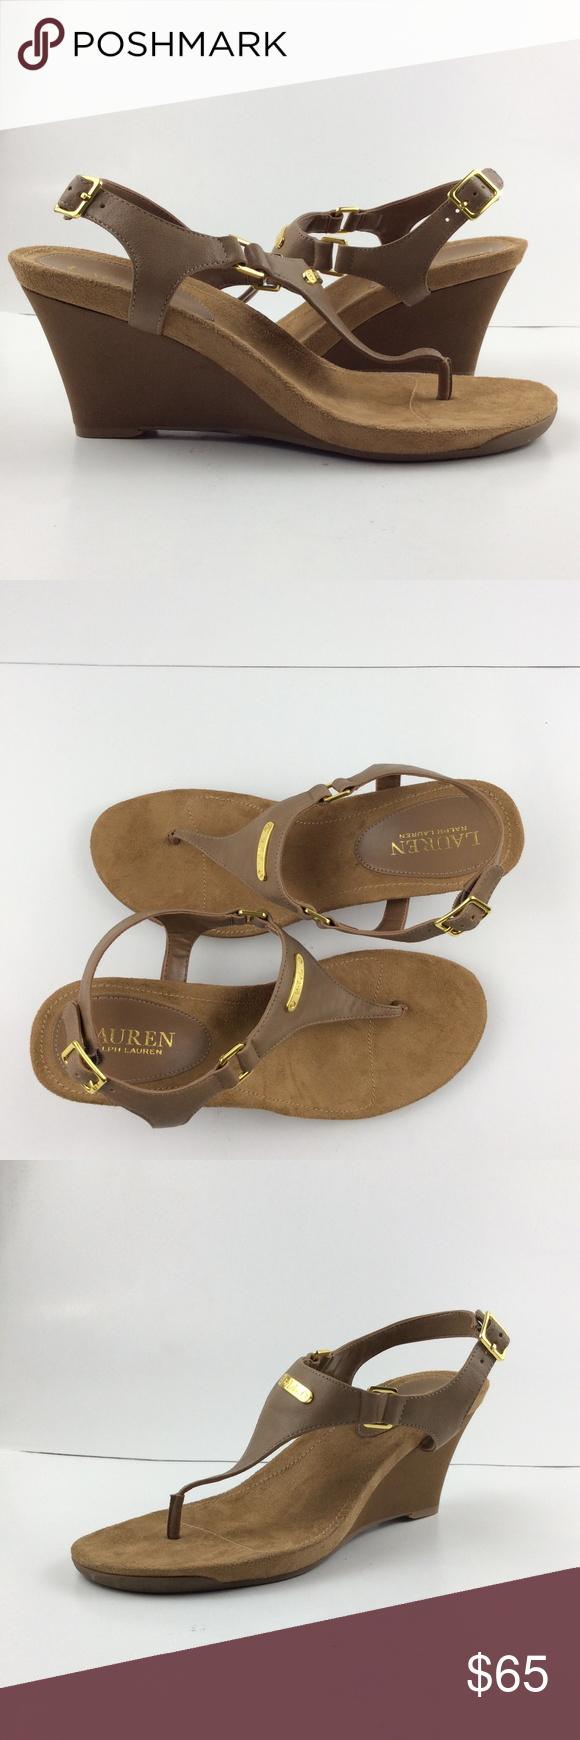 17ce139589 Lauren Ralph Lauren Women's Nikki t-Strap Wedge Revive your signature warm-weather  look with the versatile Nikki wedge sandal.